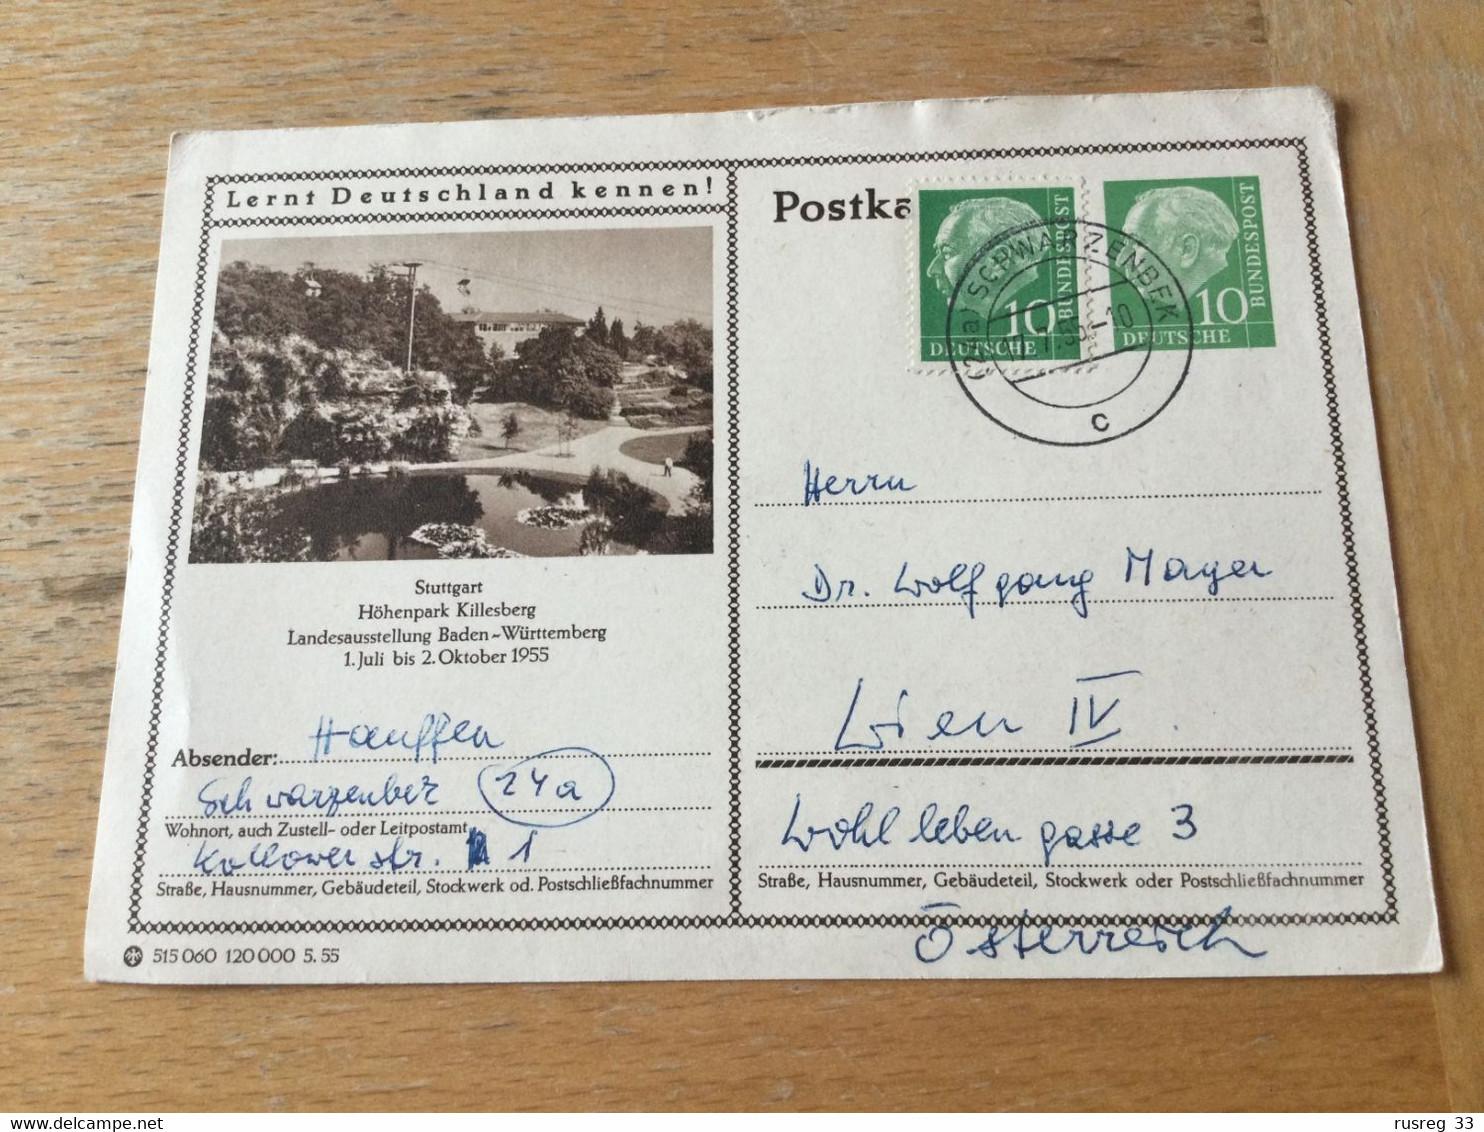 K15 BRD Ganzsache Stationery Entier Postal P 24 Stuttgart - Illustrated Postcards - Used